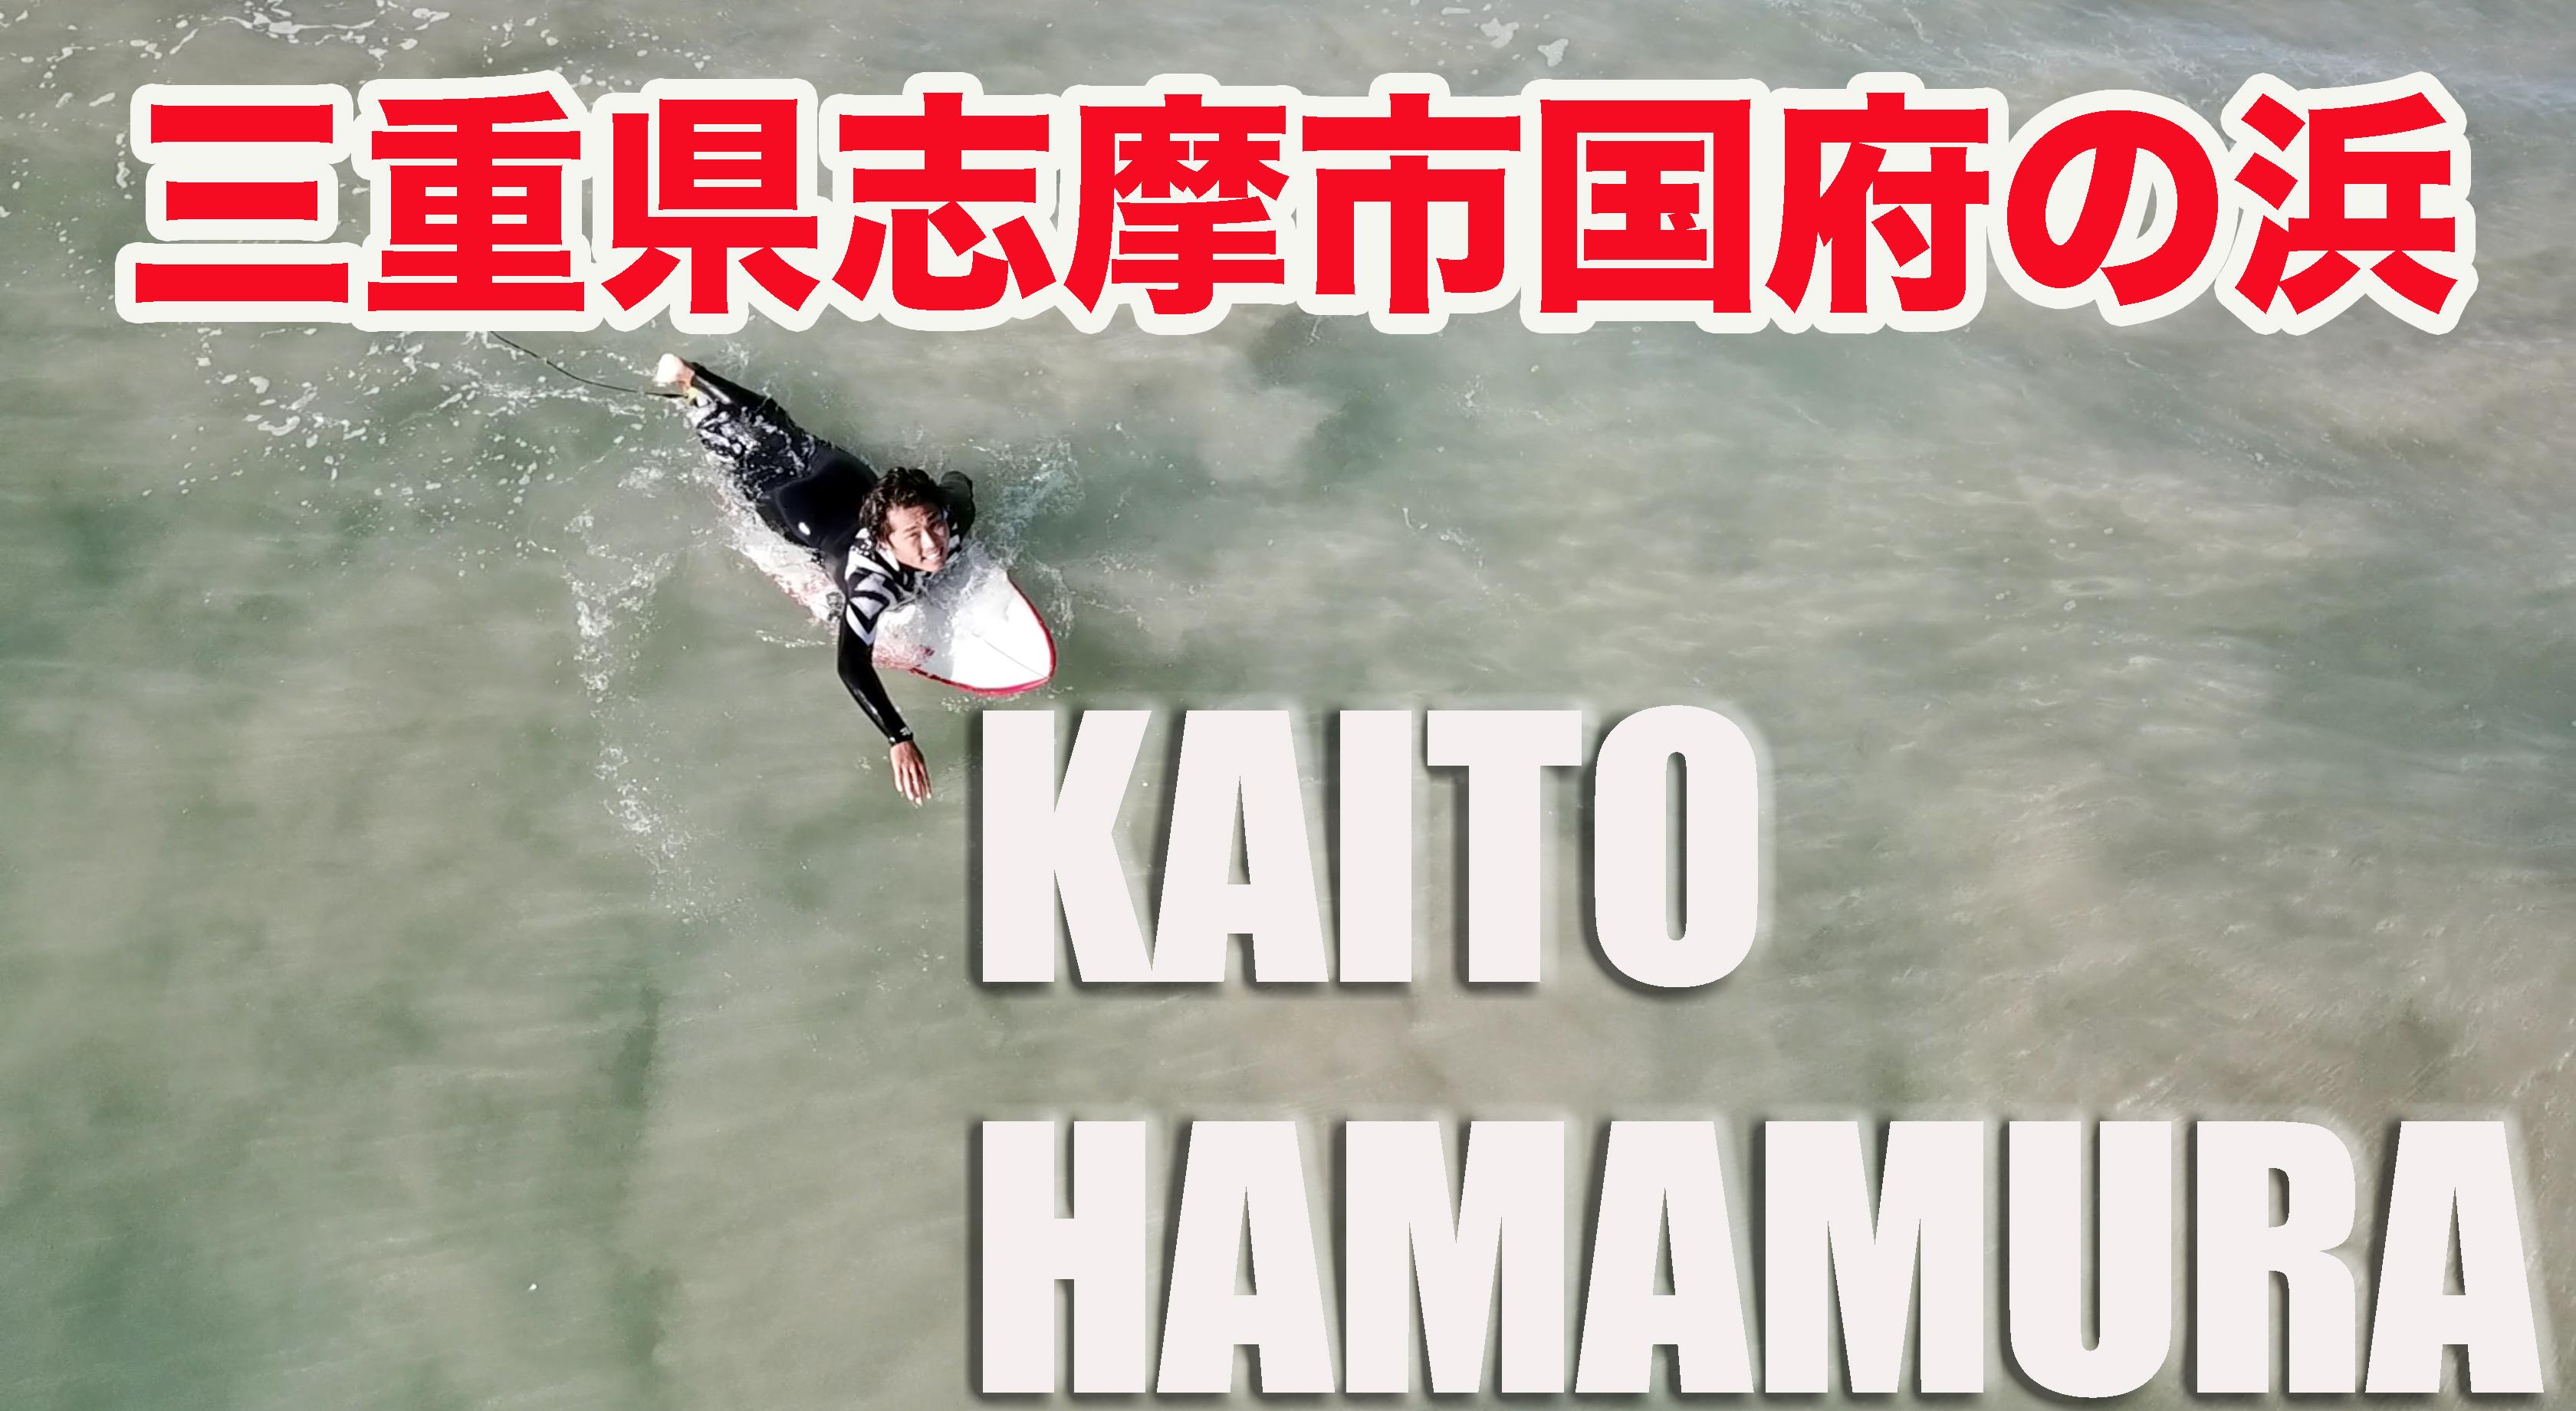 伊勢志摩国府の浜ローカル!スポタカ スポンサードサーファー浜村海斗を空撮してきました